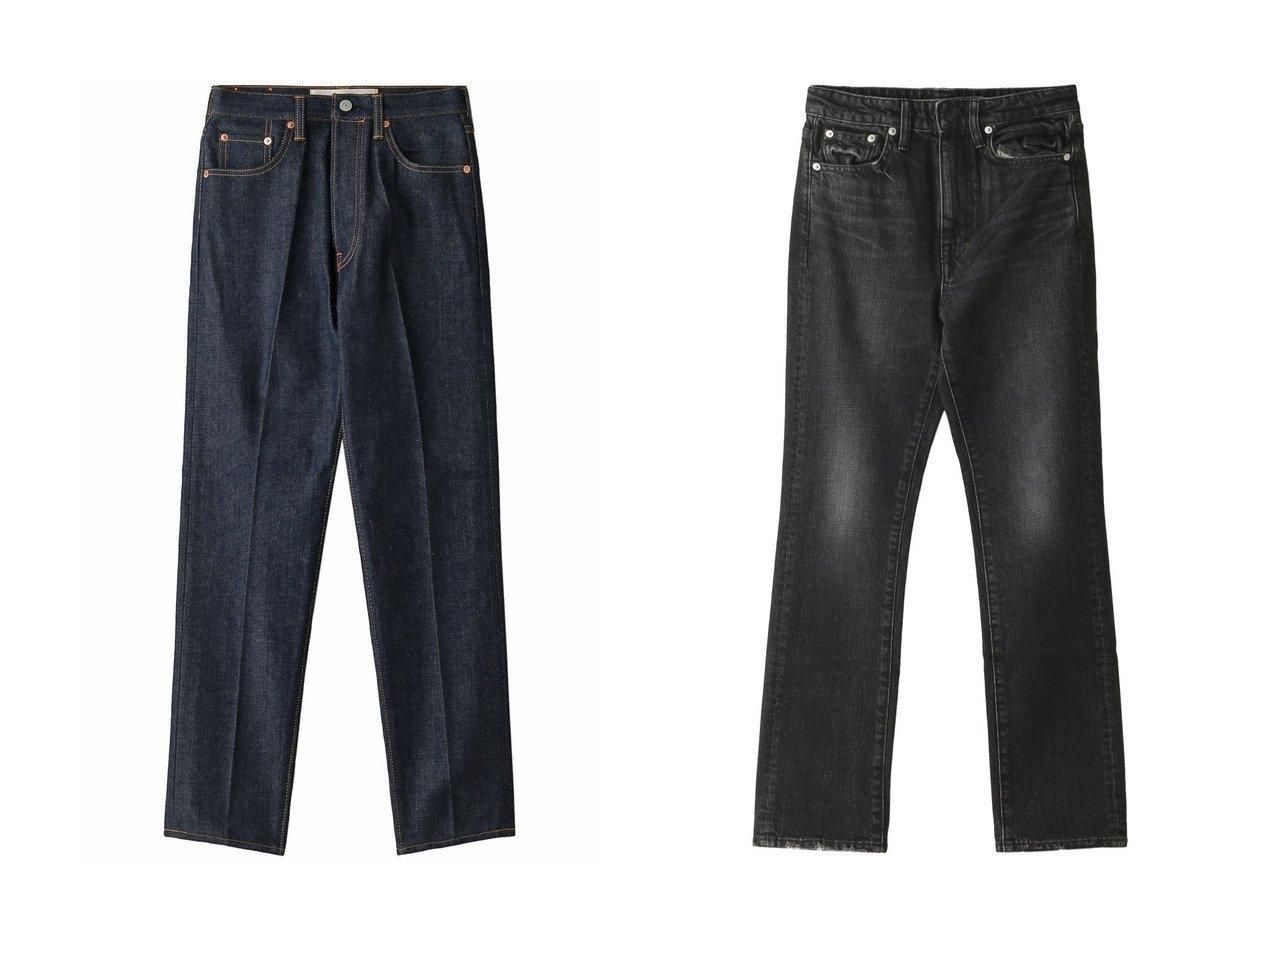 【Shinzone/シンゾーン】のアイビージーンズ&【JET/ジェット】の【JET LOSANGELES】ウォッシャブルジャストウエストストレートデニム パンツのおすすめ!人気、レディースファッションの通販 おすすめで人気のファッション通販商品 インテリア・家具・キッズファッション・メンズファッション・レディースファッション・服の通販 founy(ファニー) https://founy.com/ ファッション Fashion レディース WOMEN パンツ Pants デニムパンツ Denim Pants アイビー ジーンズ センター ダメージ デニム  ID:crp329100000000185